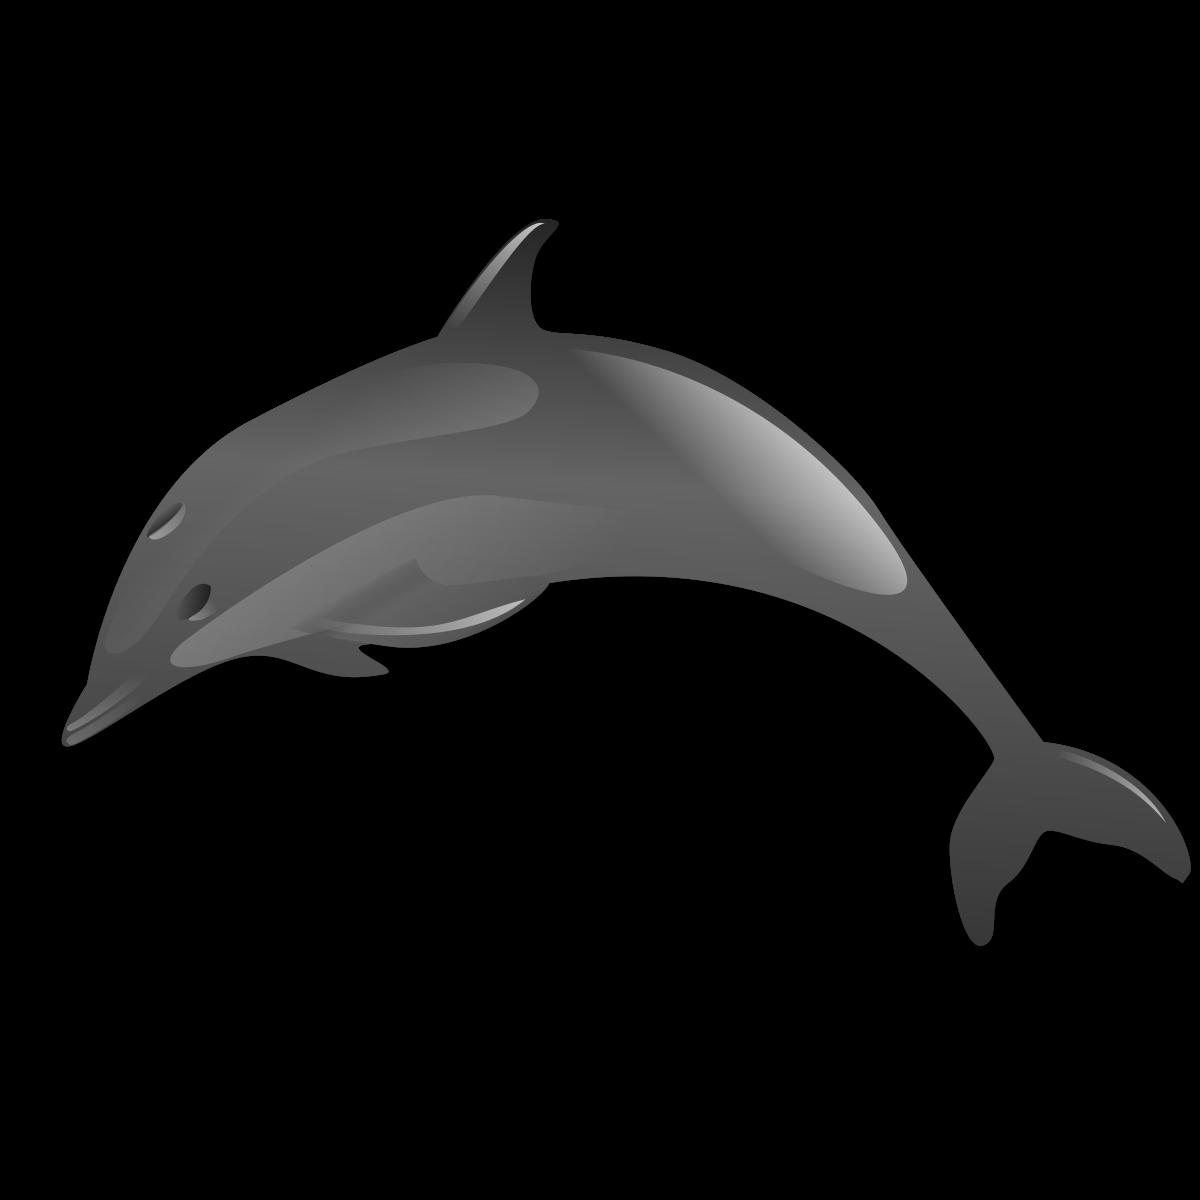 صور دولفين خلفيات دولفين dolphin 1